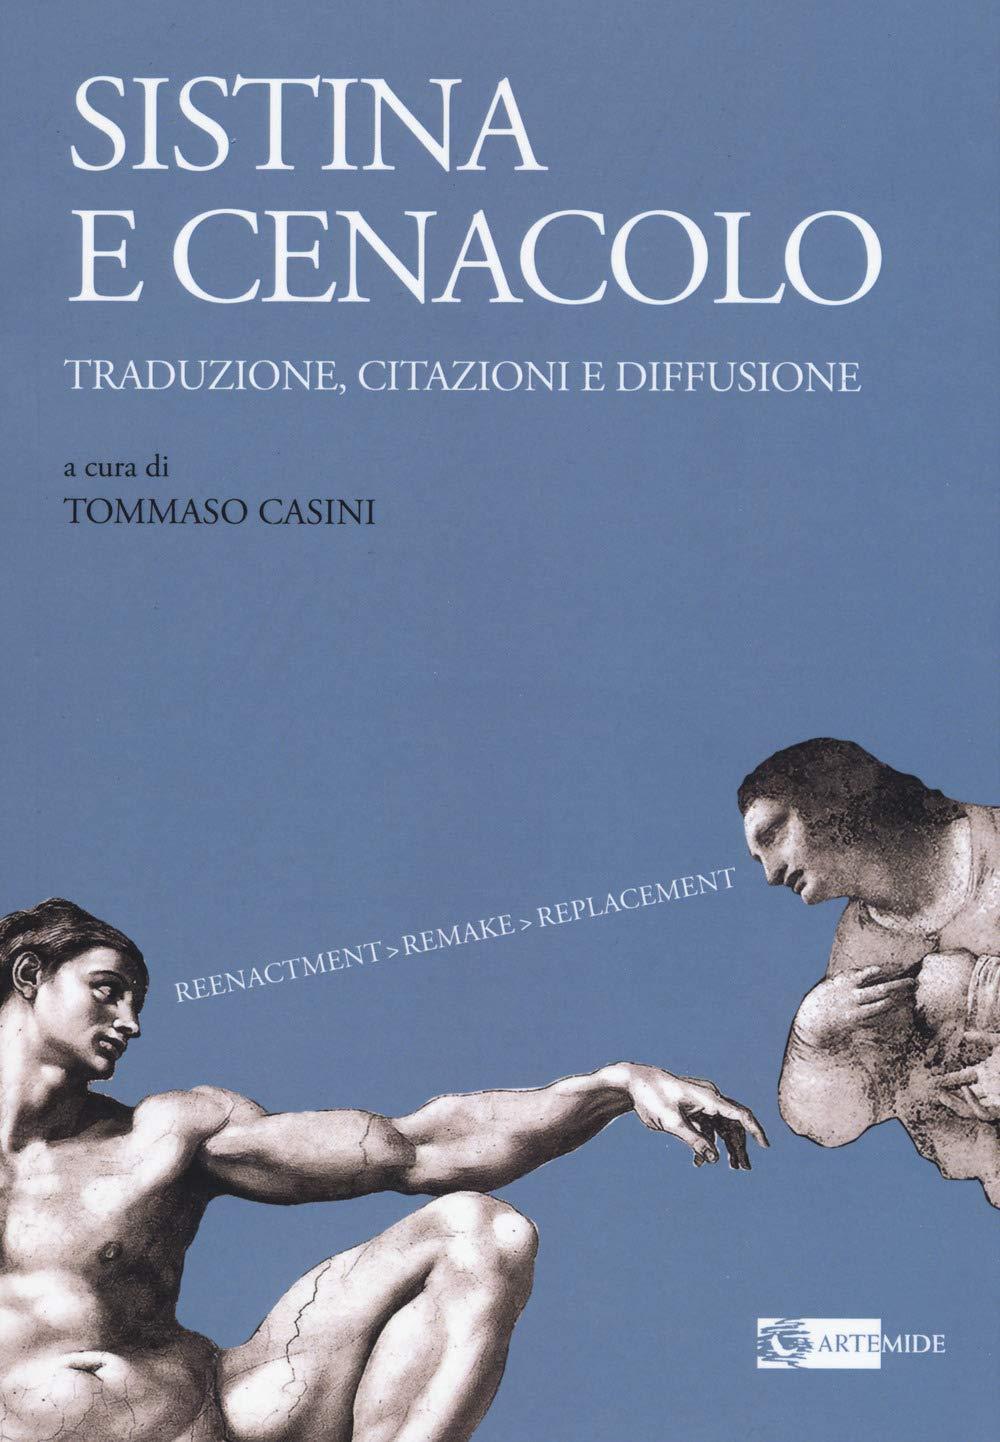 Amazon.it: Sistina e Cenacolo. Traduzione, citazioni e diffusione. Ediz.  illustrata - Casini, T. - Libri